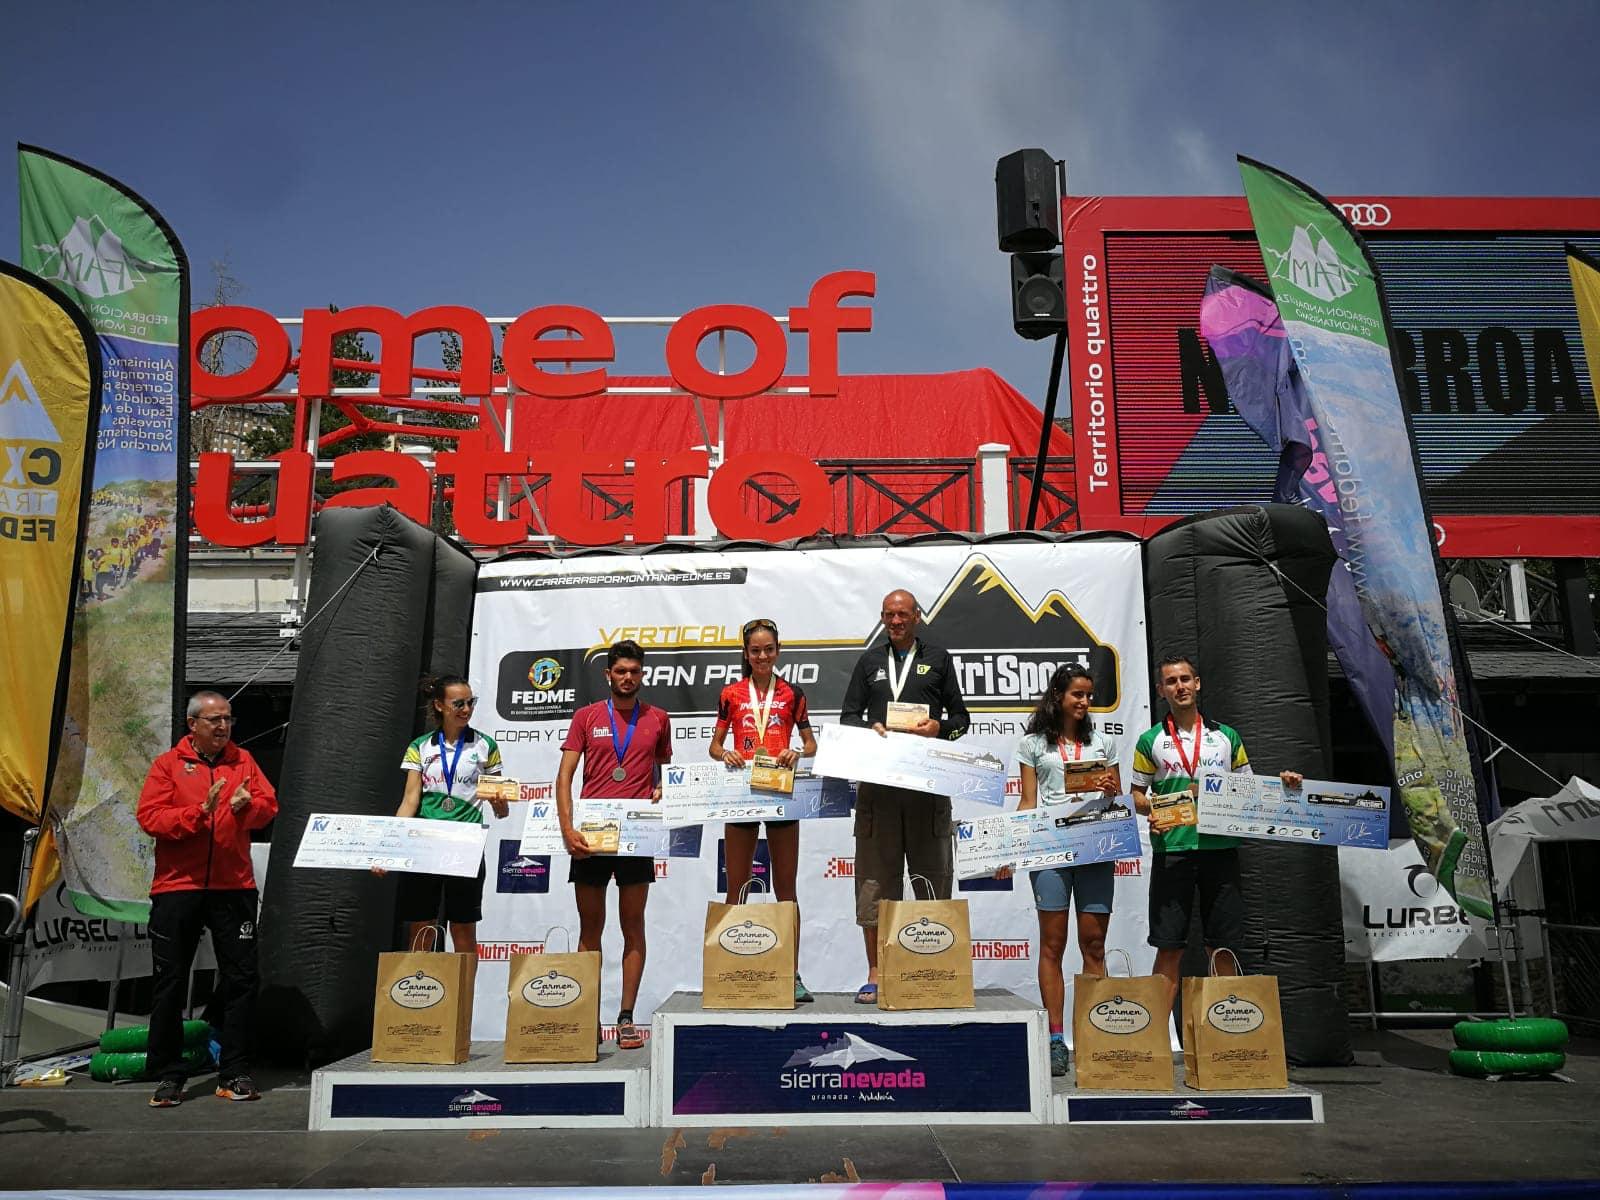 Daniel Osanz y Gisela Carrión se coronan en Sierra Nevada como Campeones de España de Carreras Verticales FEDME GP Nutrisport